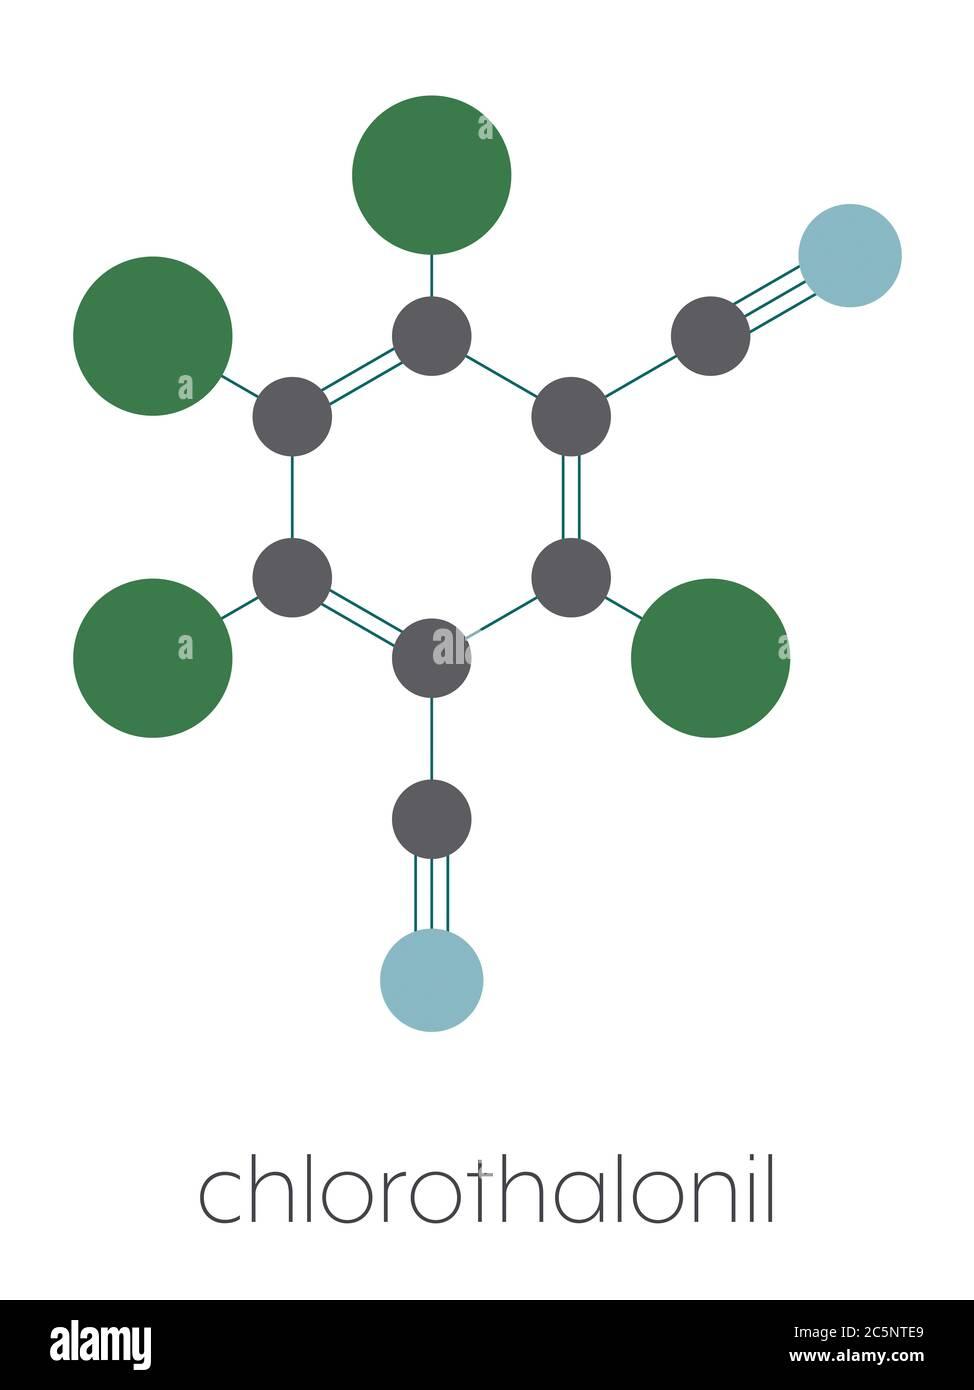 Molécula de plaguicida clorotalonil. Fórmula esquelética estilizada (estructura química): Los átomos se muestran como círculos codificados por colores: Carbono (gris), nitrógeno (azul), cloro (verde). Foto de stock